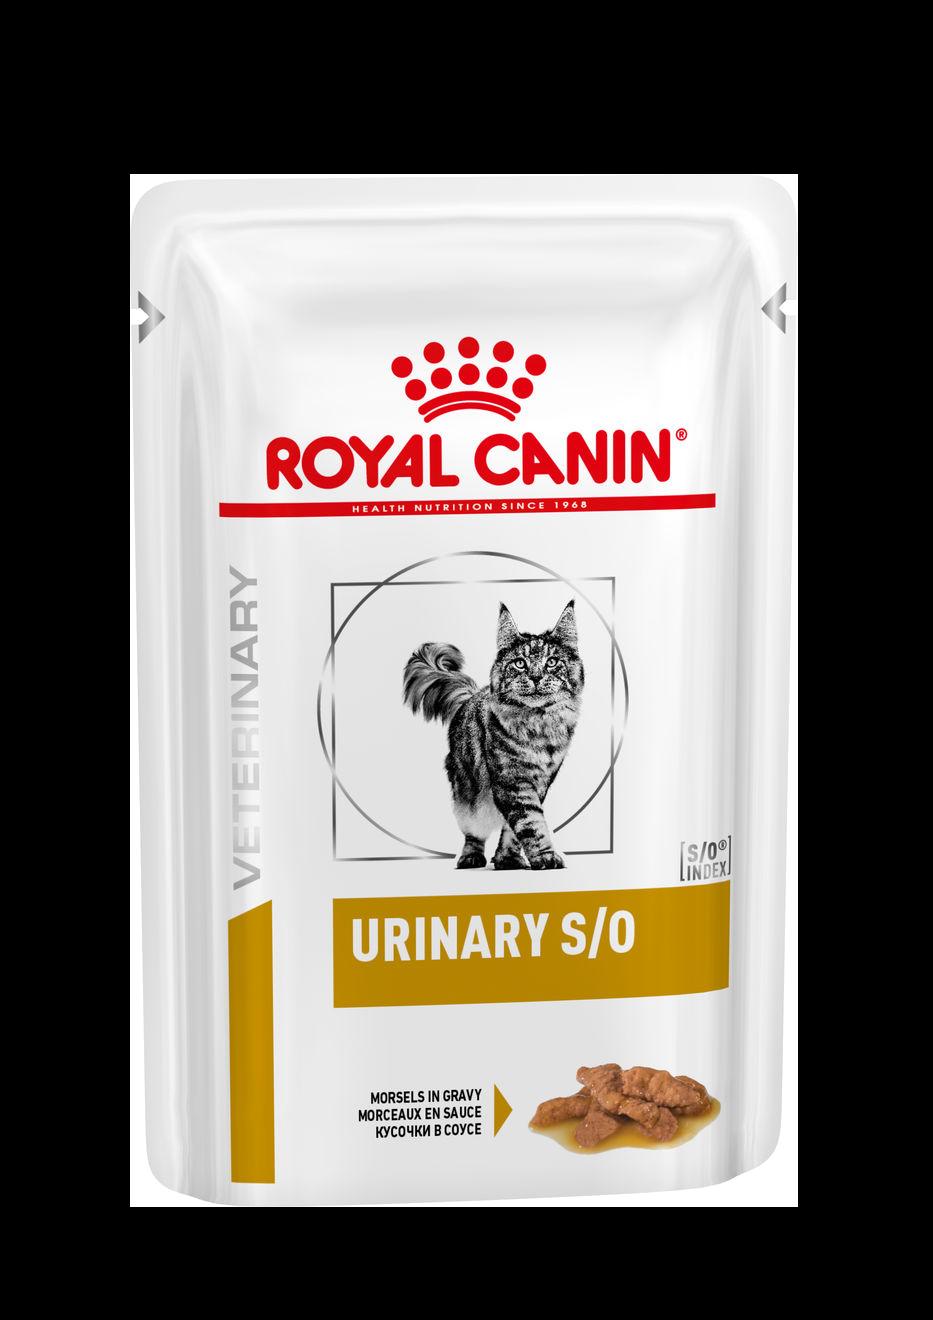 ROYAL CANIN Urinary S/O (пауч, с курицей) - Диета для кошек при заболеваниях дистального отдела мочевыделительной системы